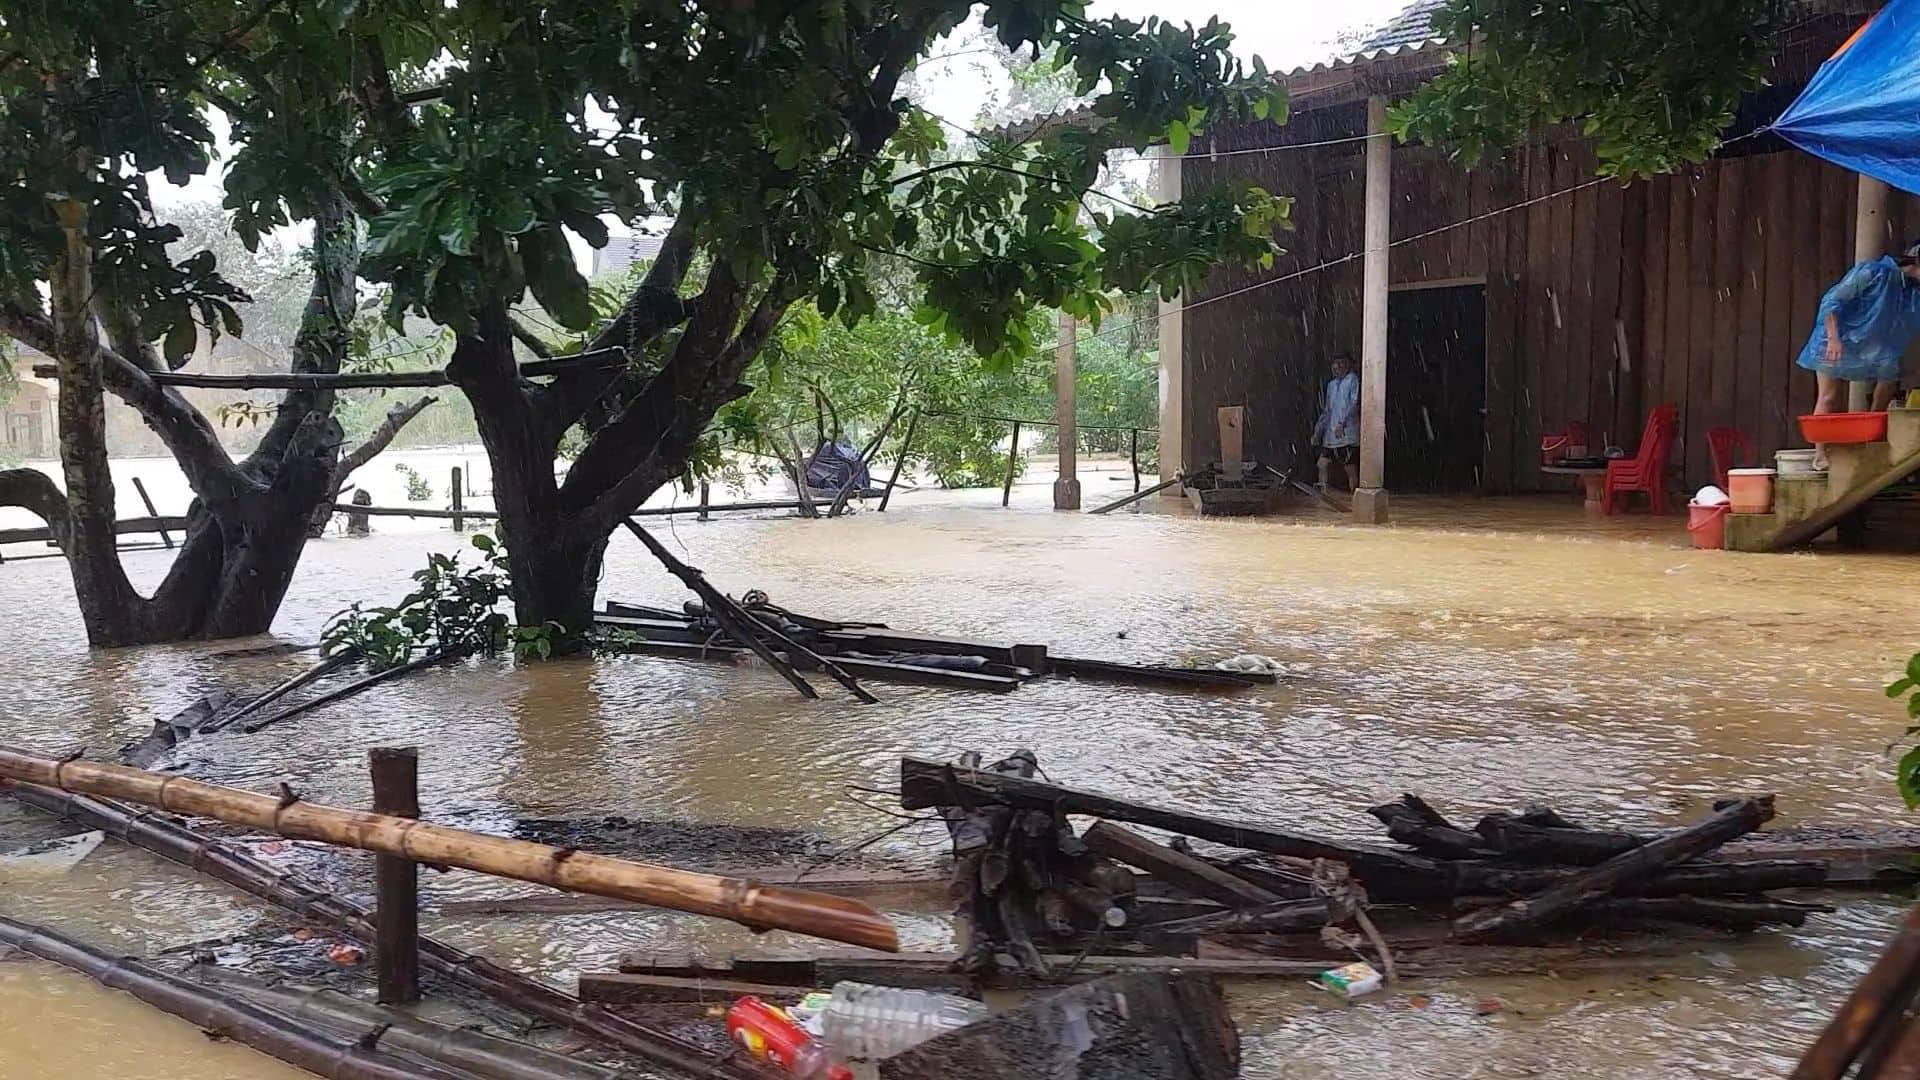 Mưa lũ kinh hoàng tại Hà Tĩnh: Nhà ngập đến tận nóc, người dân khốn khổ sống cô lập trong biển nước-2